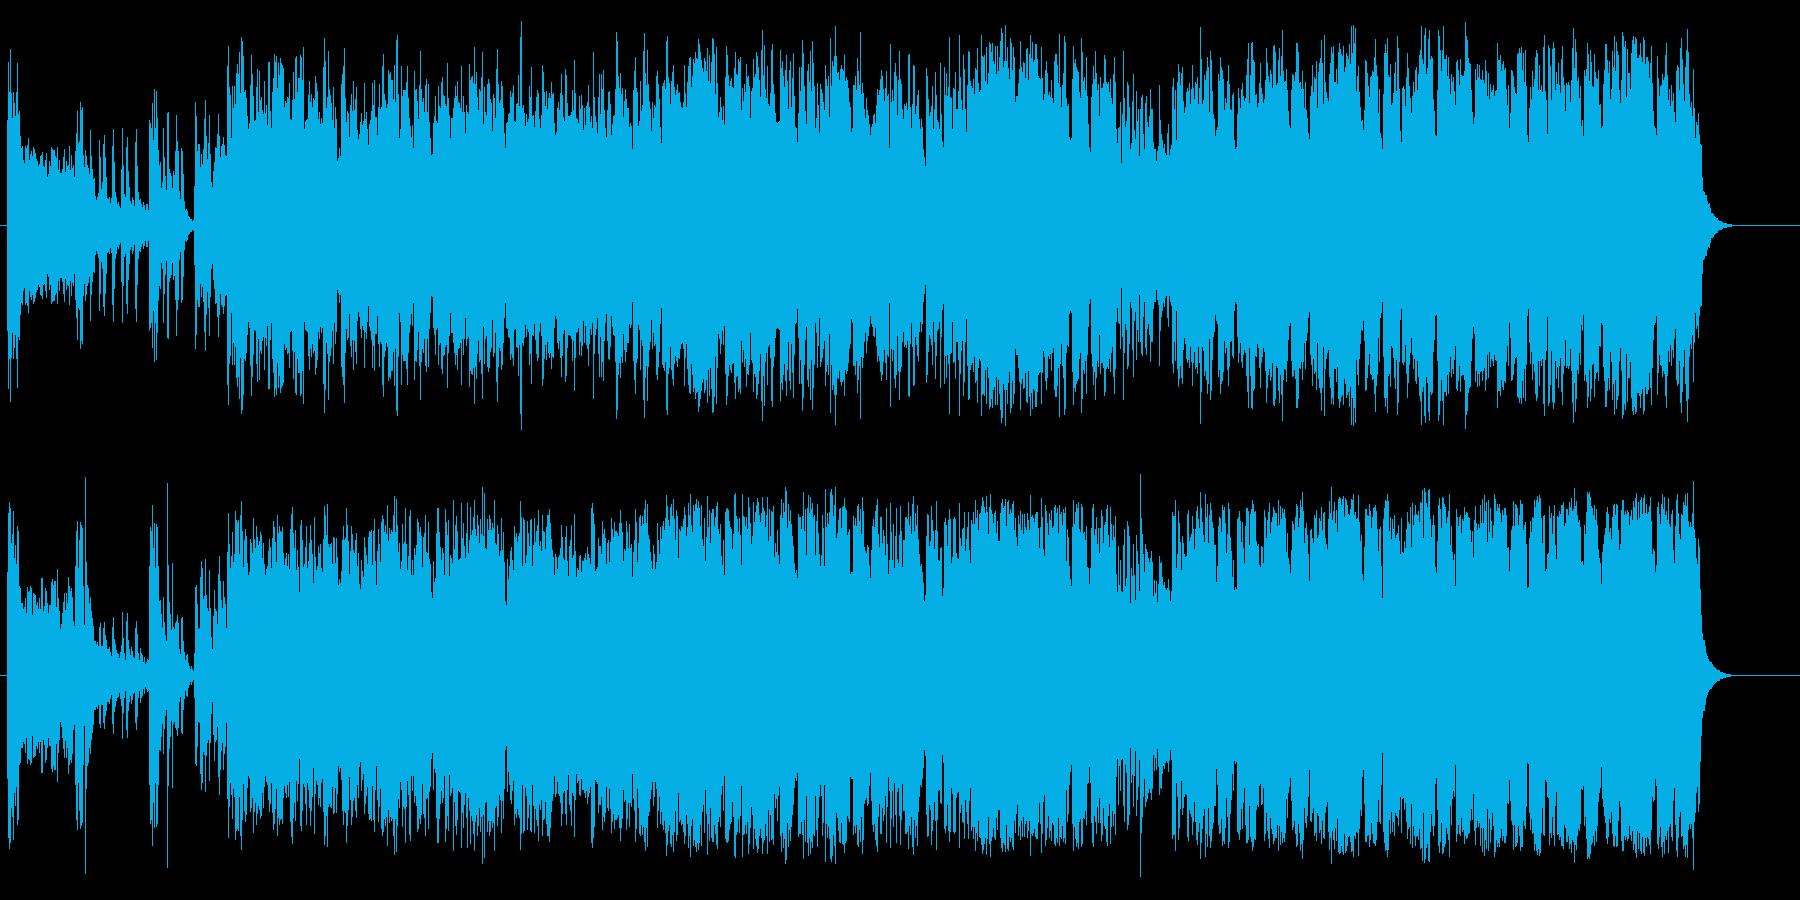 とめどない大いなる流れの力の再生済みの波形